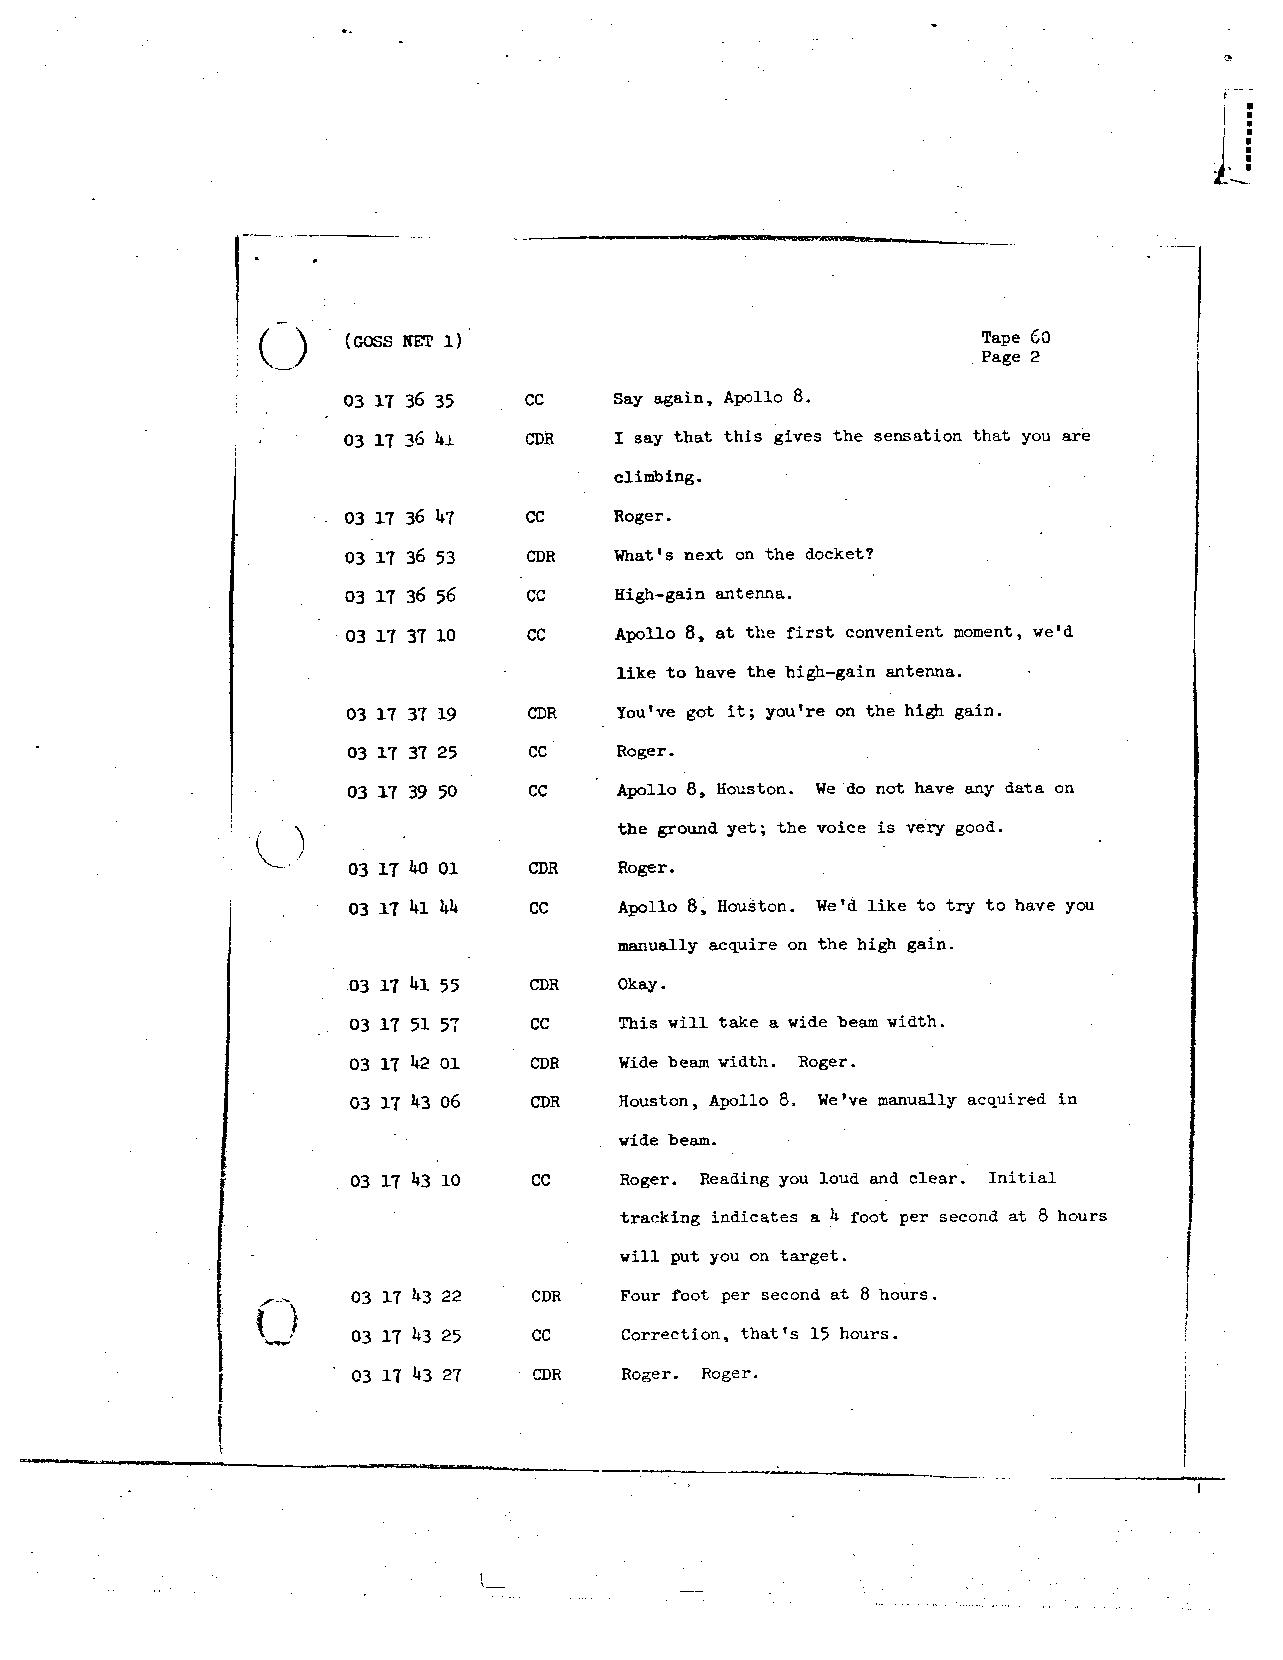 Page 477 of Apollo 8's original transcript